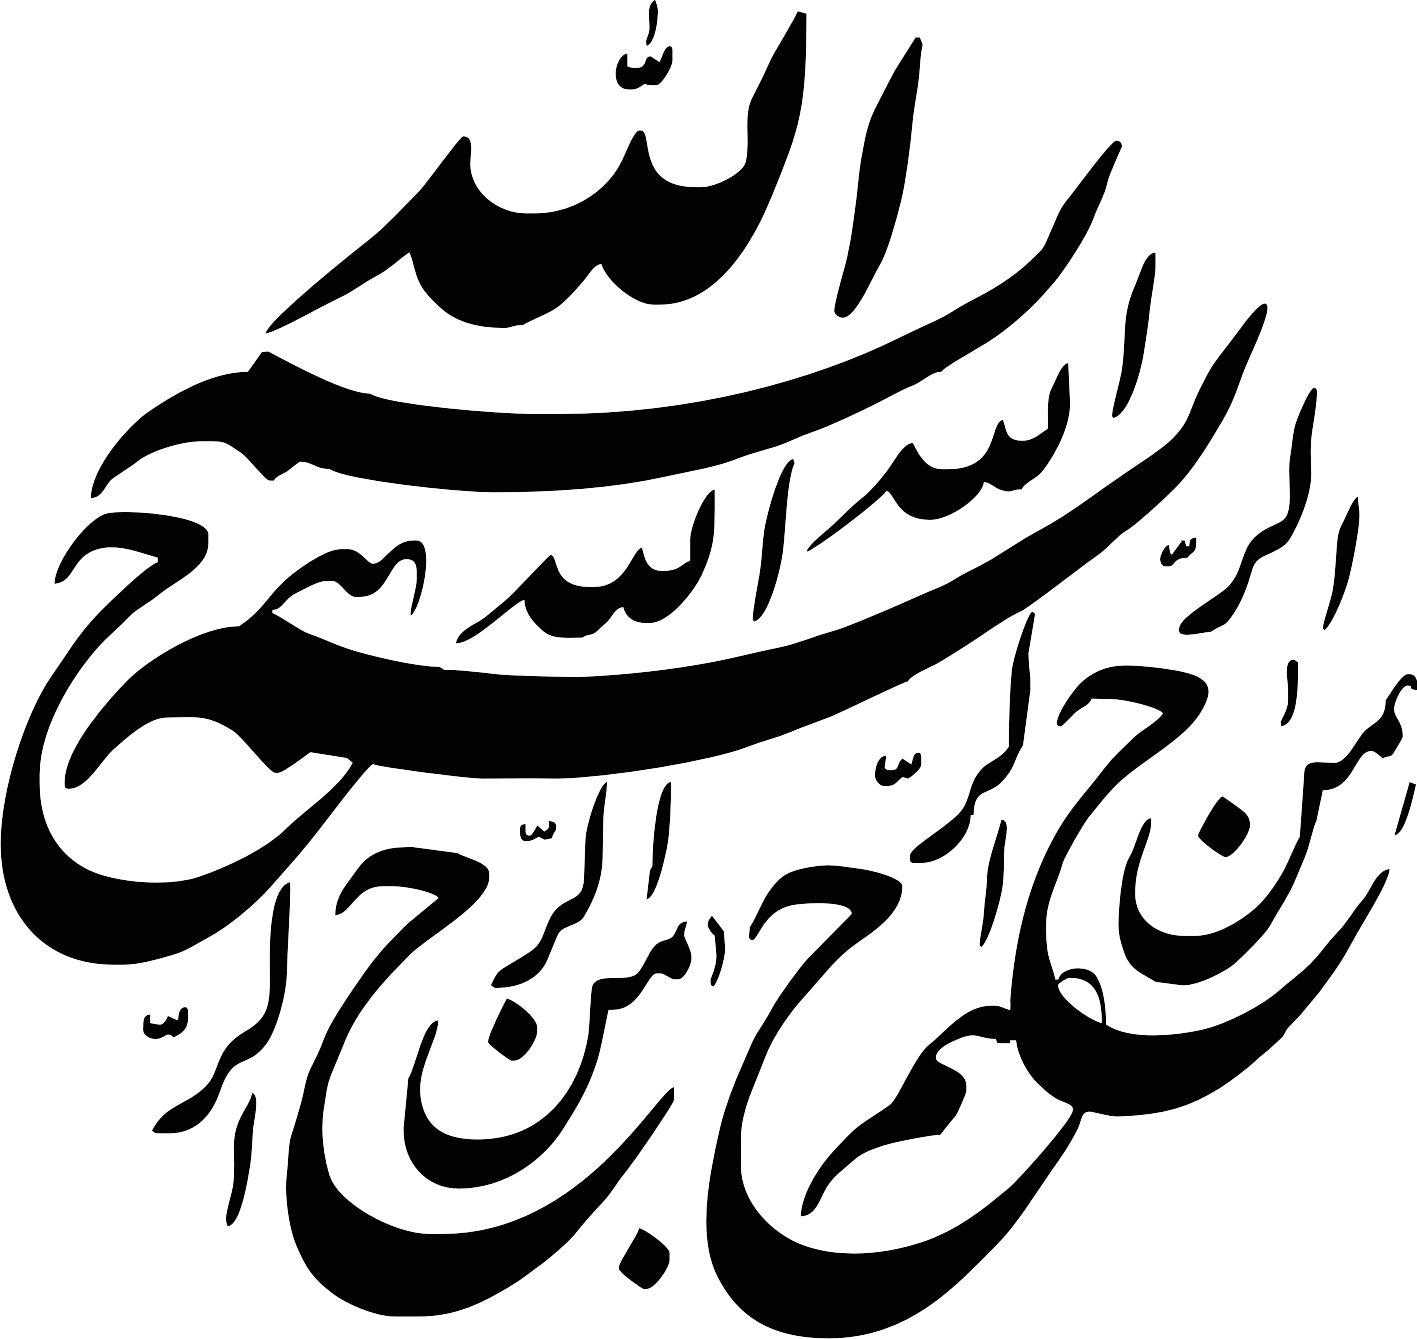 14 - طرح های  بسم الله الرحمن الرحیم برای مقاله و پایان نامه